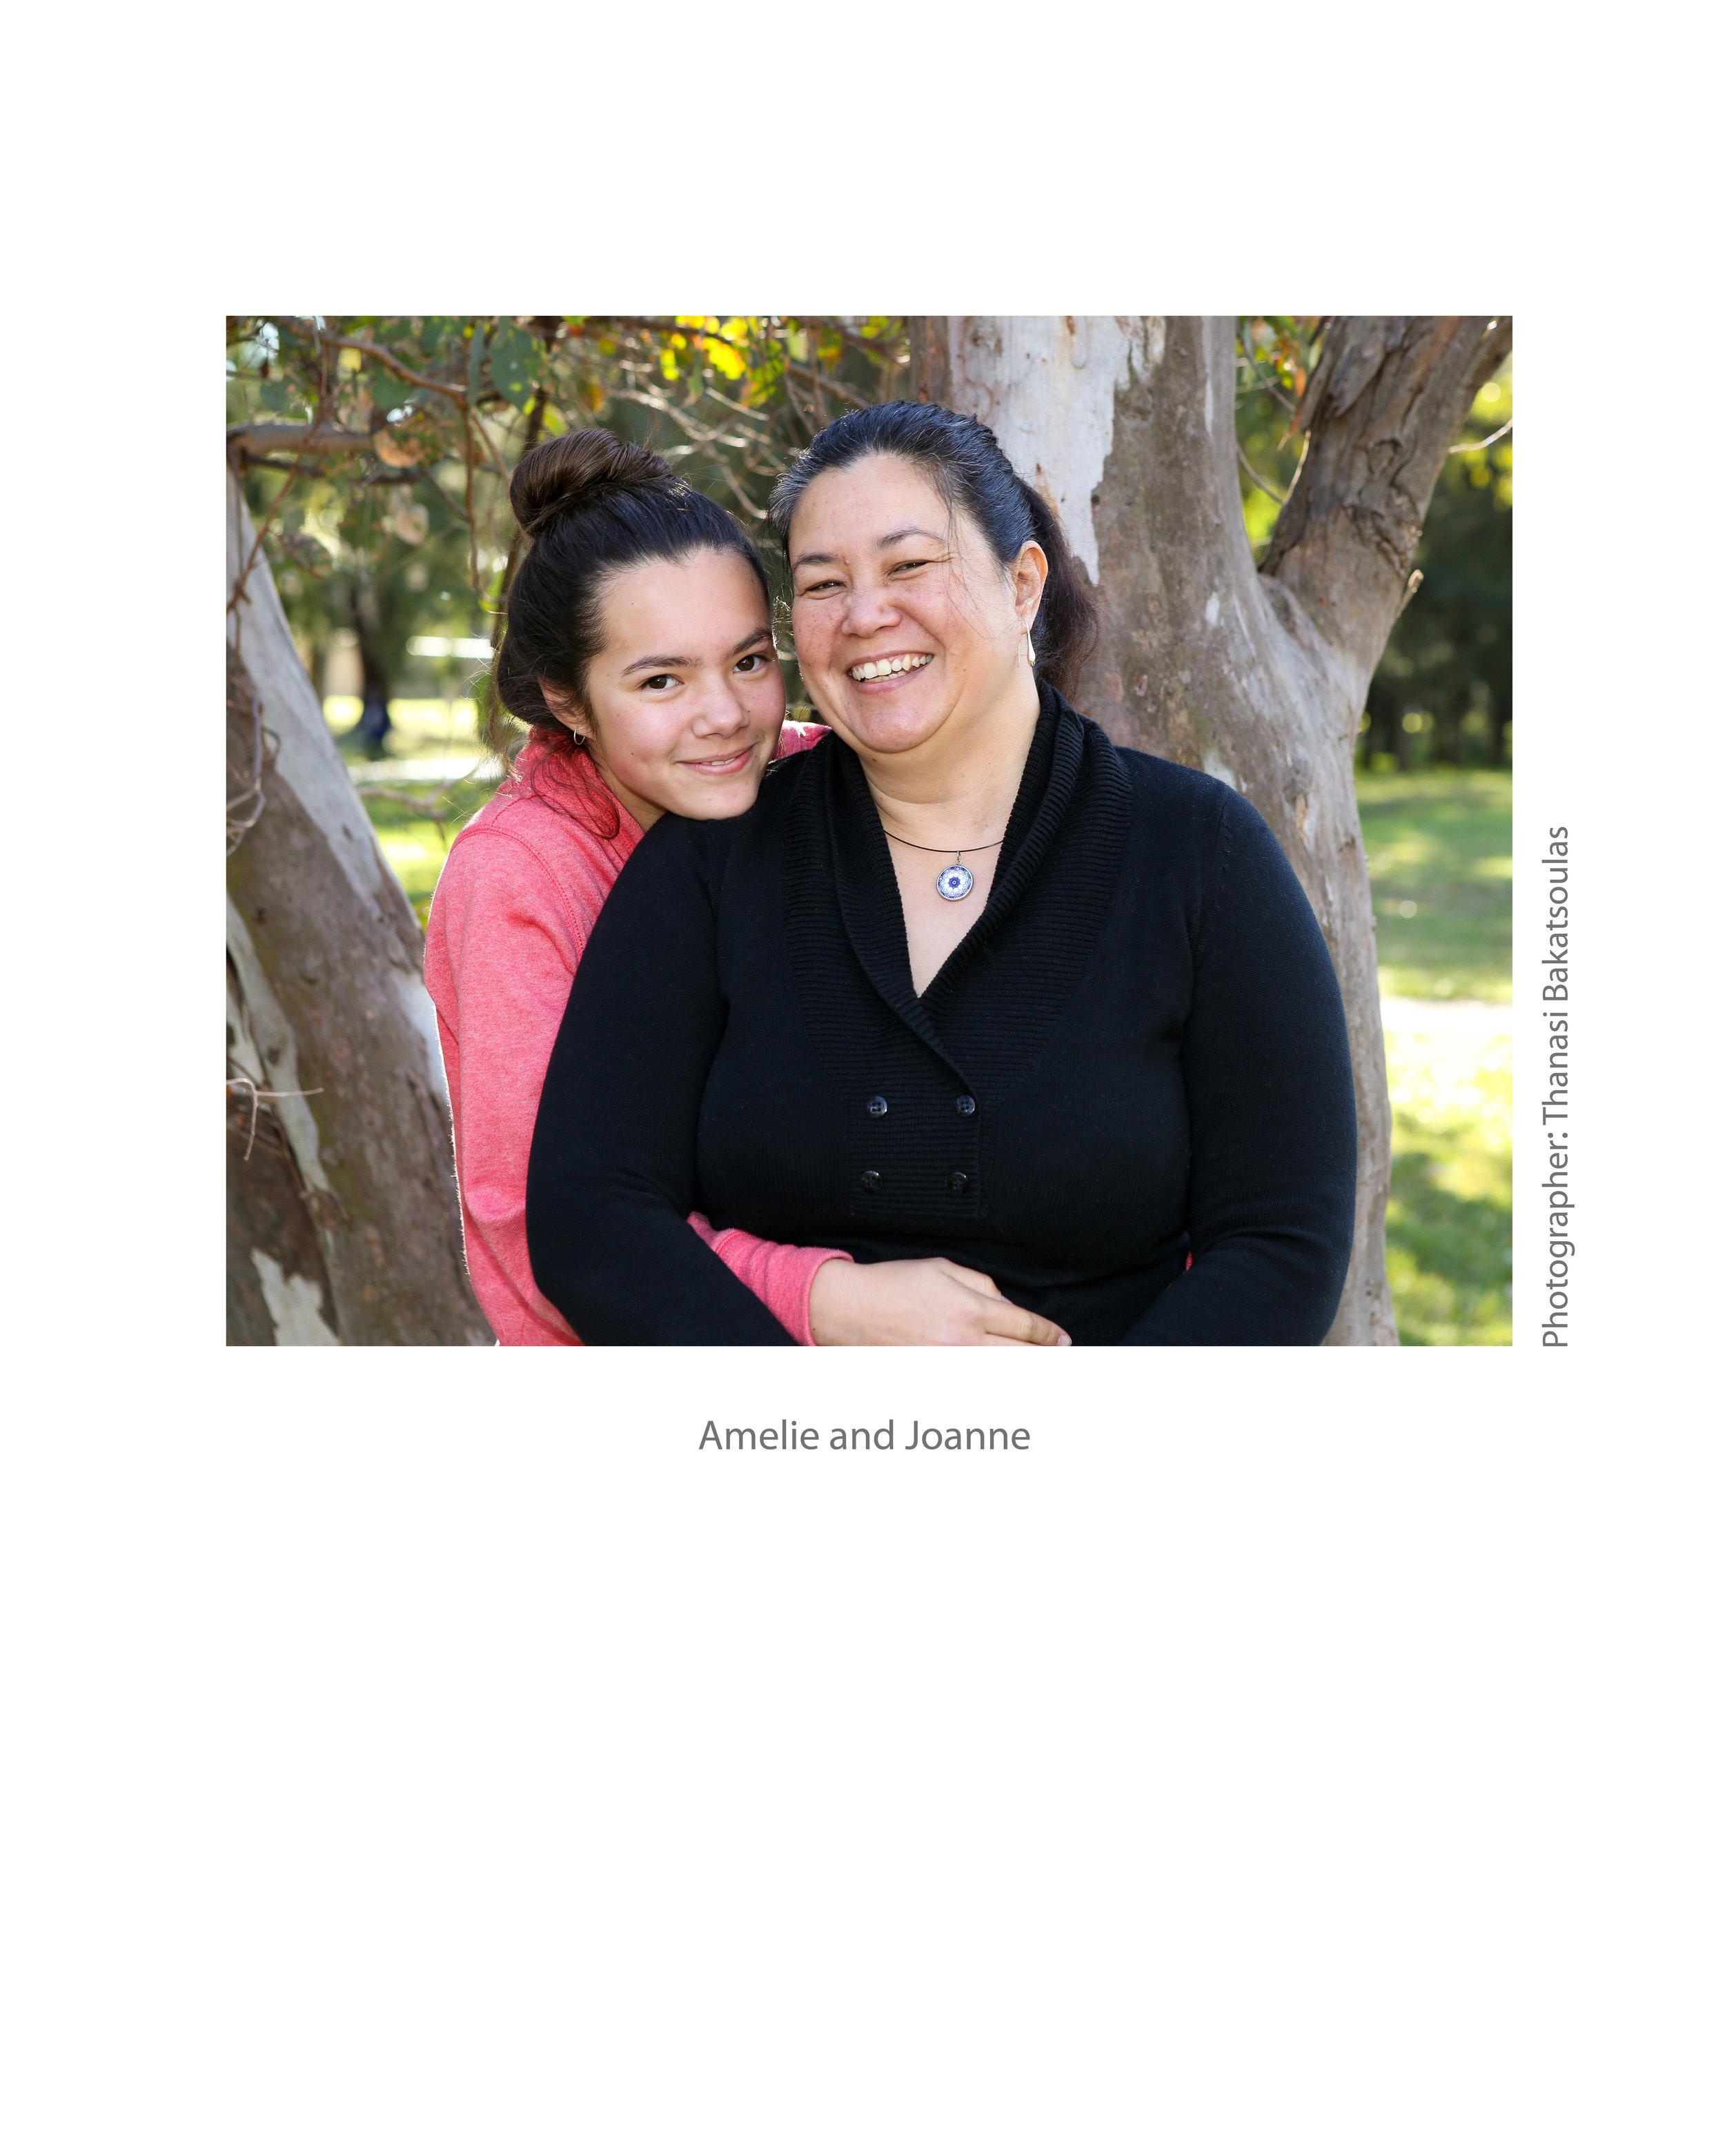 Amelie and Joanne.jpg